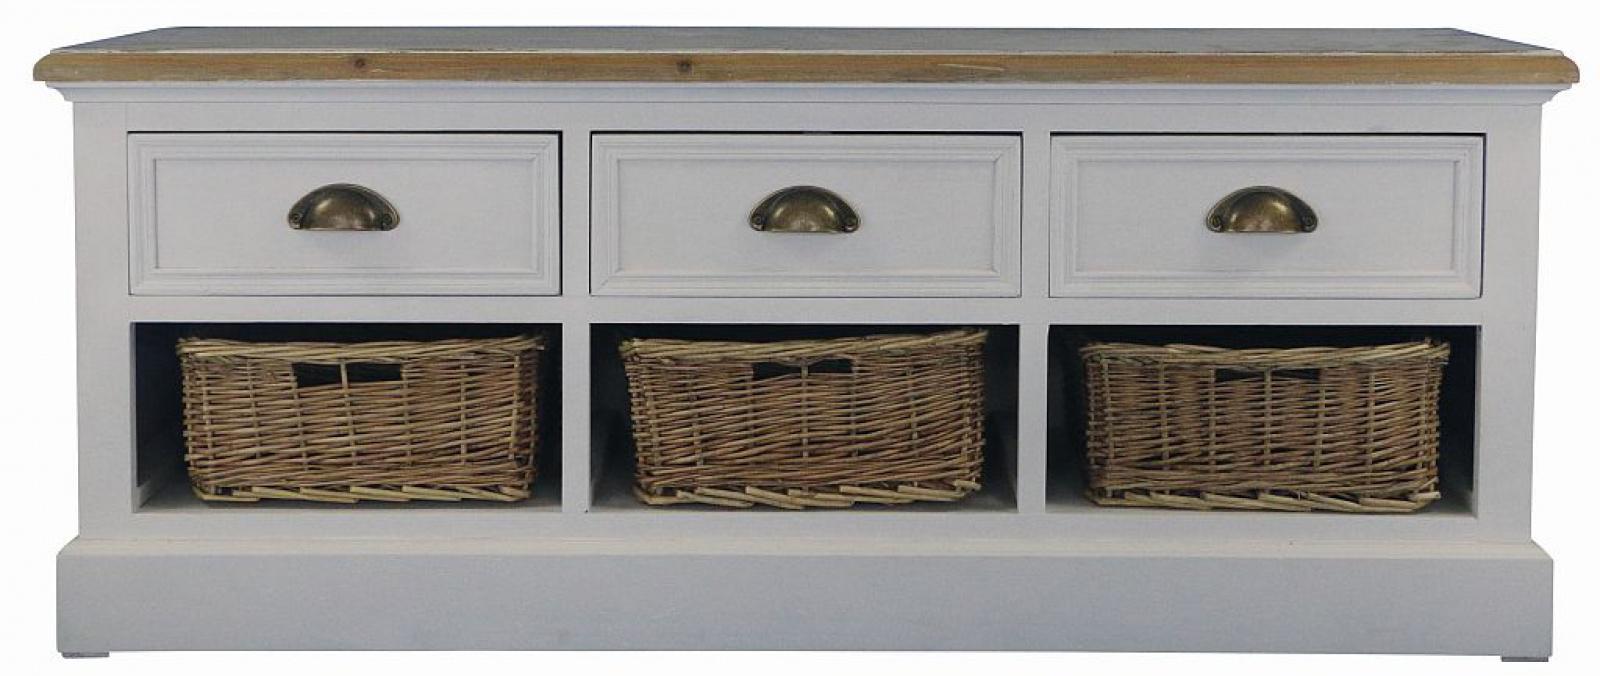 sitzbank konsole mit 3 sch ben und k rben kaufen bei m bel lux. Black Bedroom Furniture Sets. Home Design Ideas